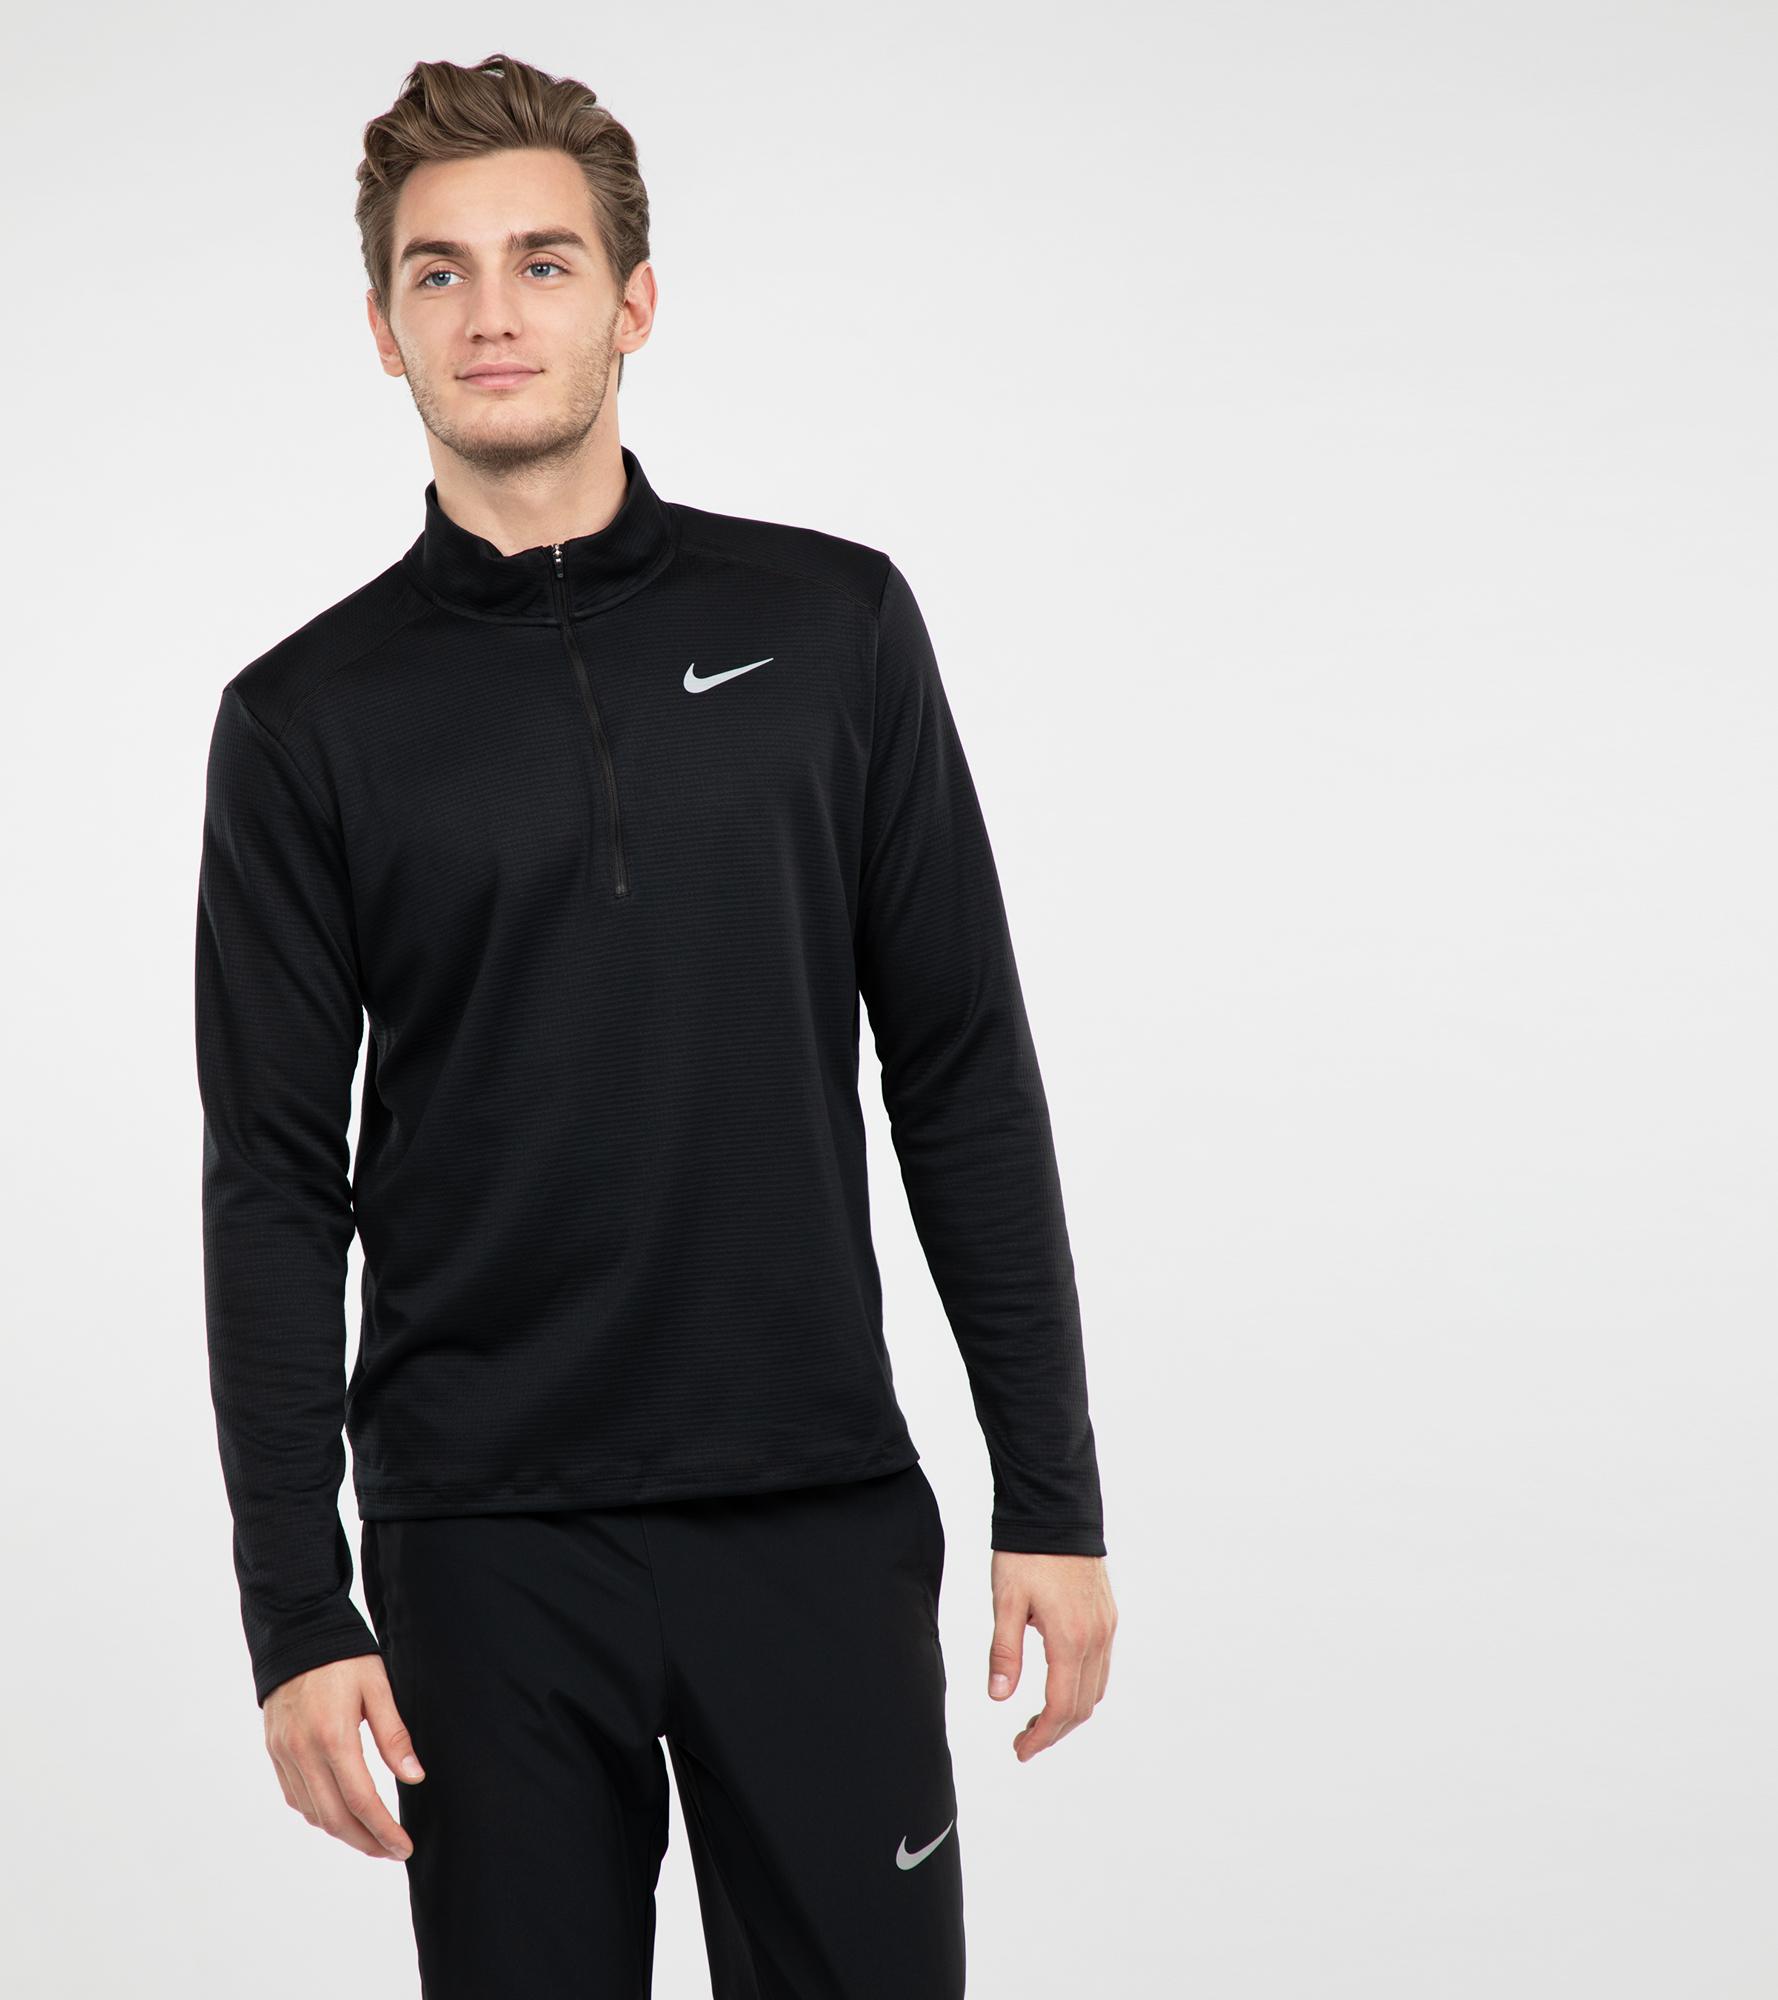 Nike Олимпийка мужская Pacer, размер 52-54